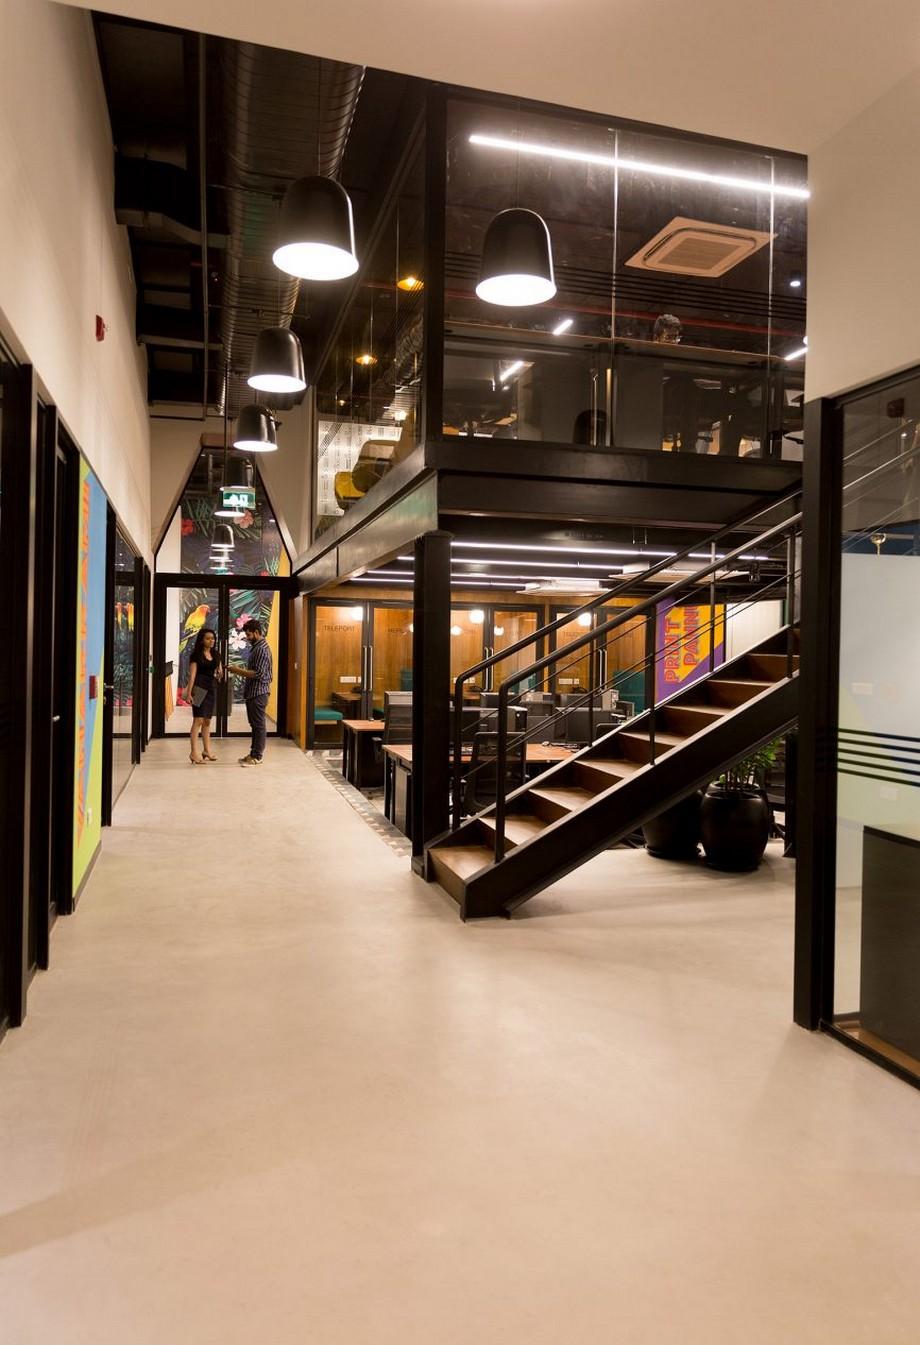 Thiết kế coworking space độc đáo